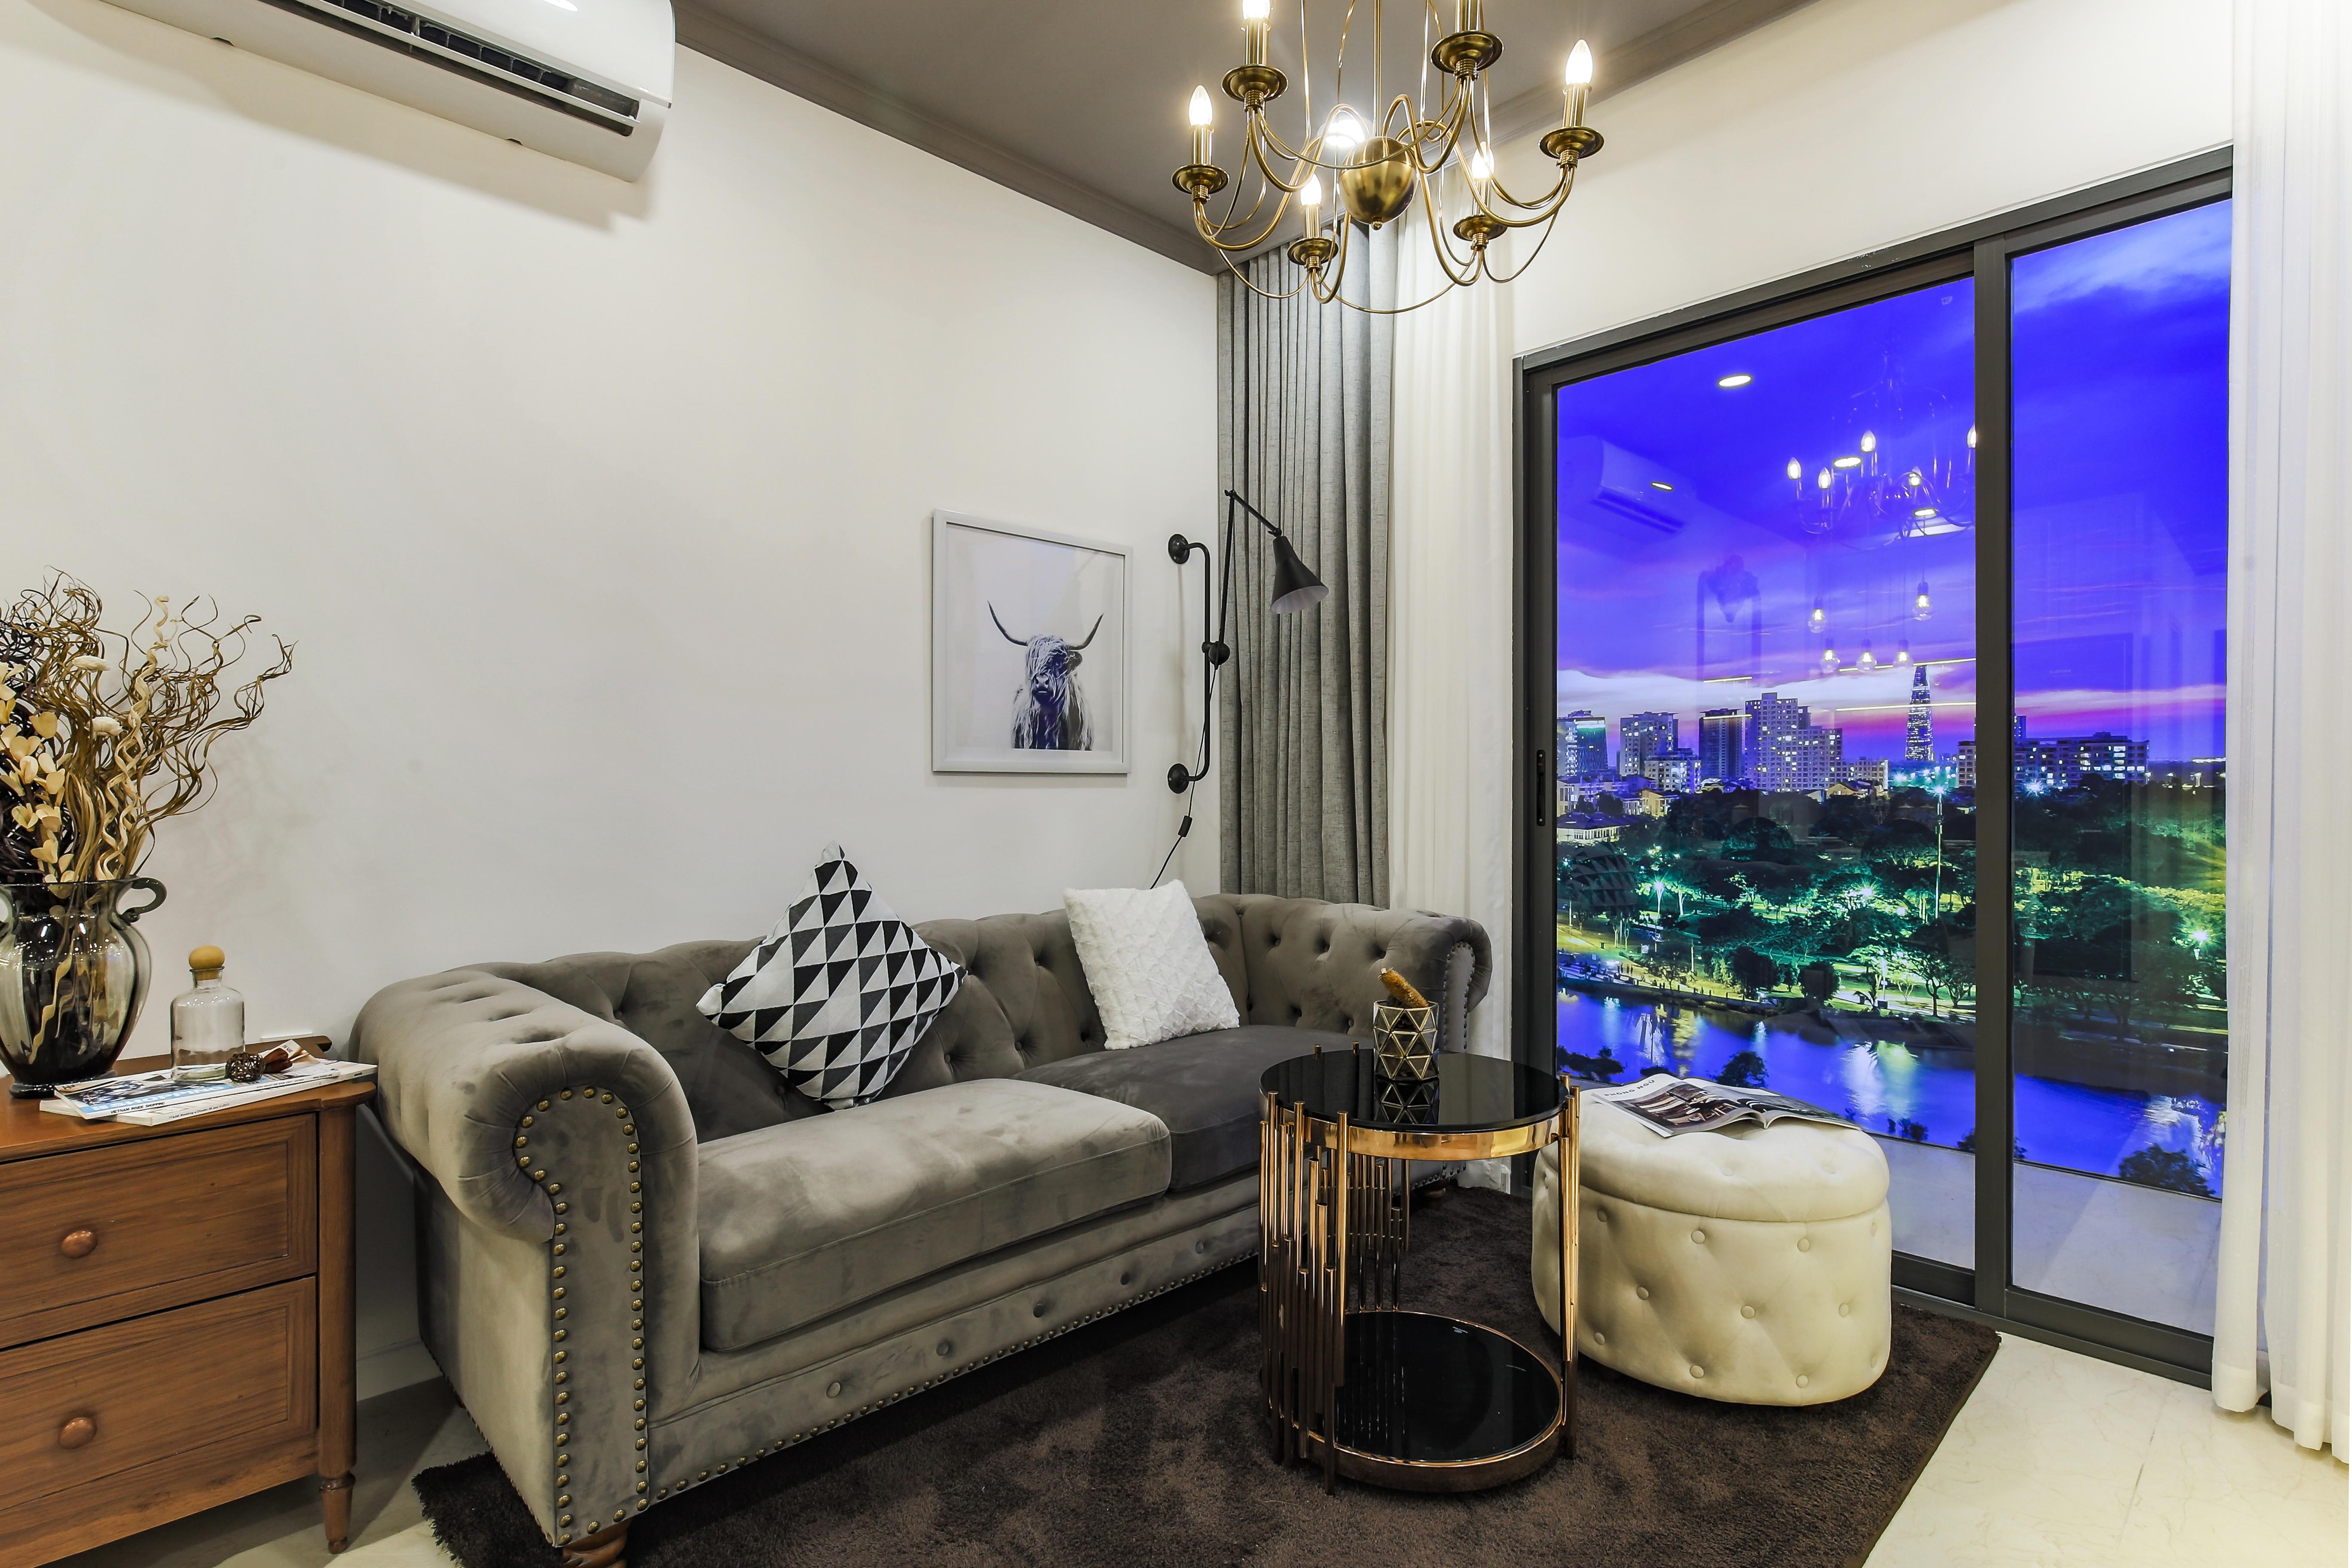 Phòng khách tại nhà mẫu căn hộ thường của dự án South Gate Tower quận 7